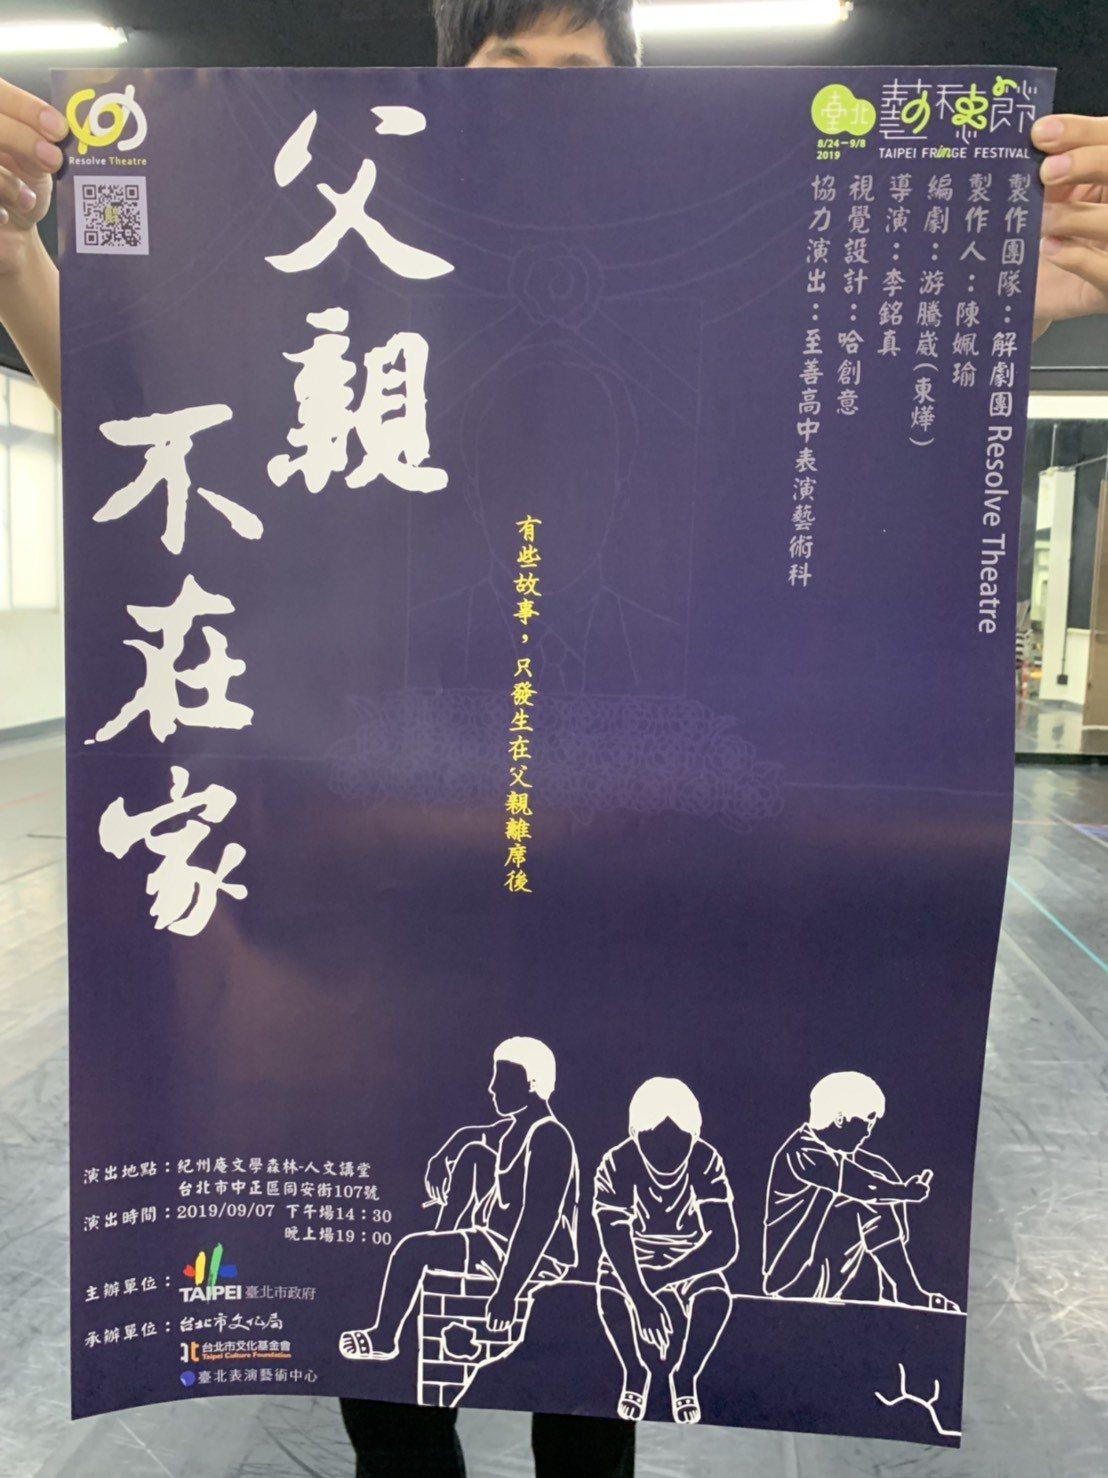 至善高中表演藝術科受邀9月在台北市「藝穗節」演出舞台劇,戲碼「父親不在家」是游騰...